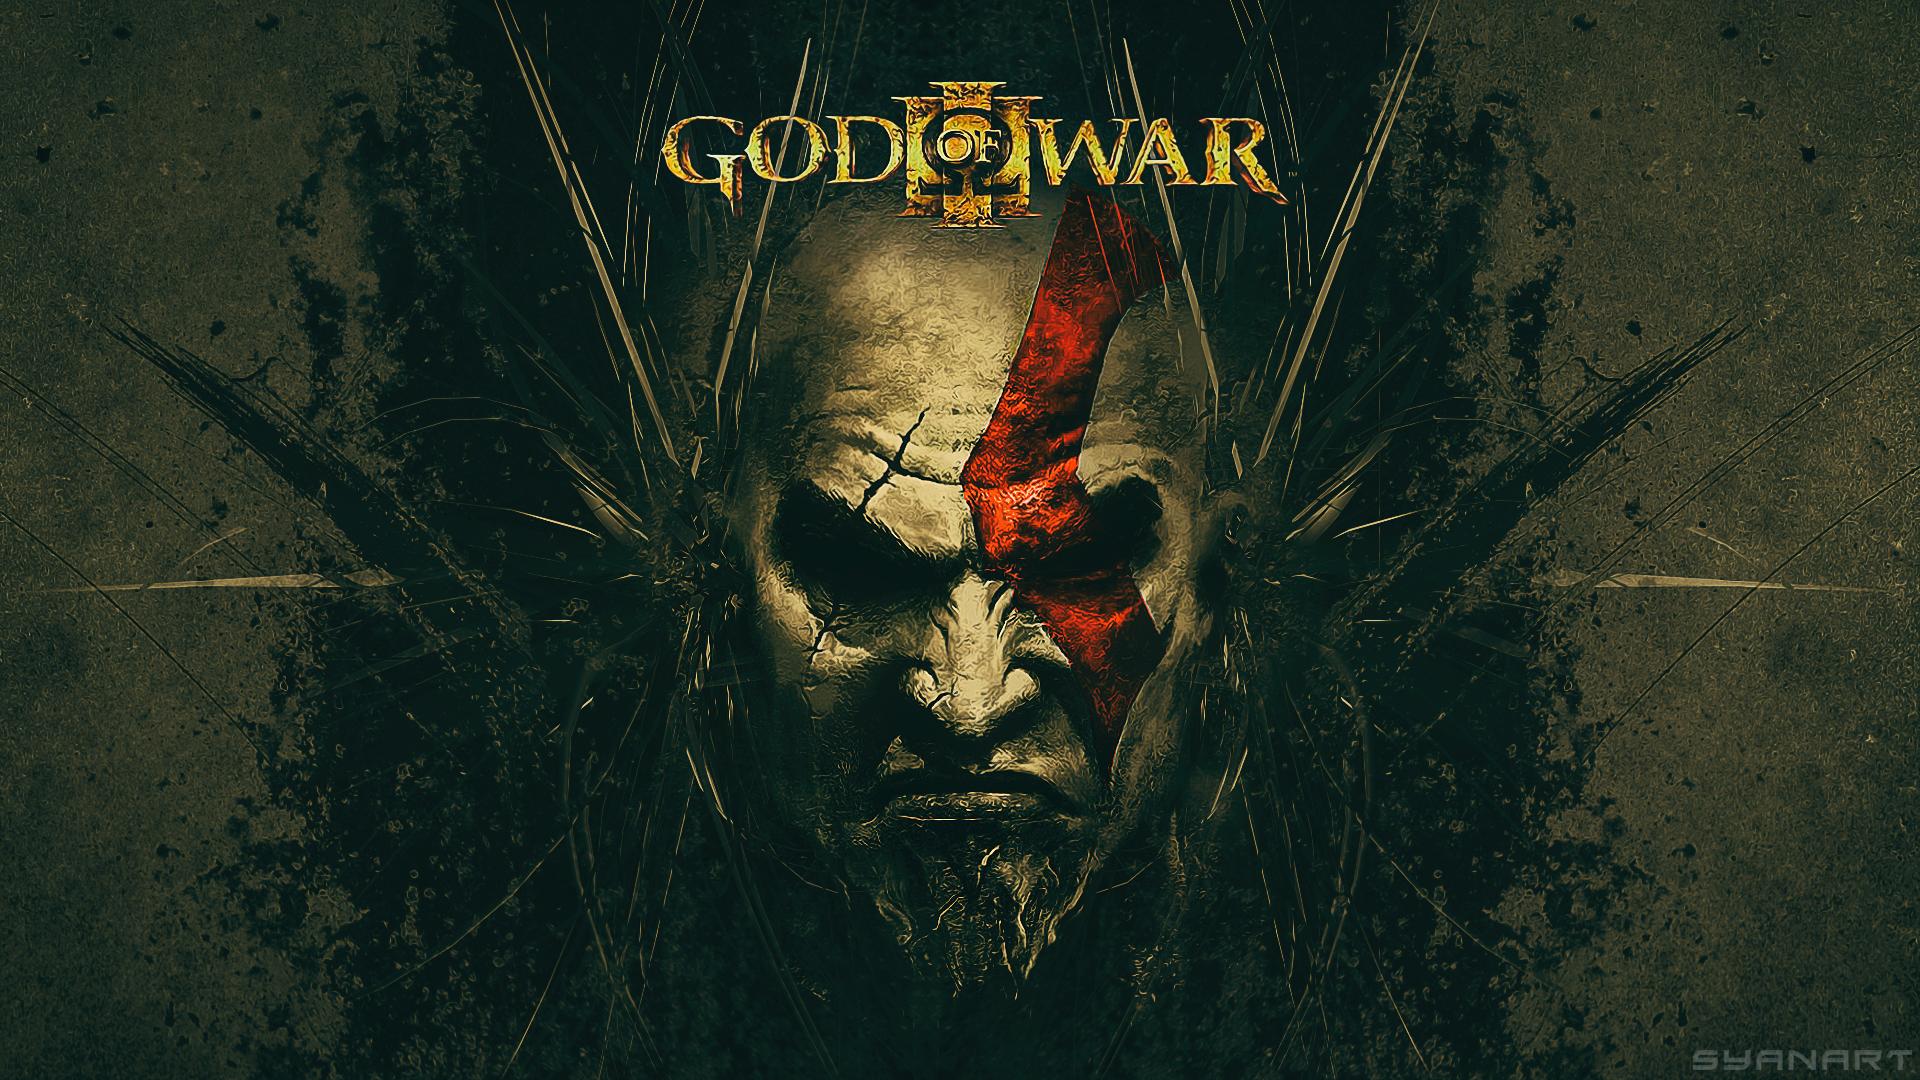 god of war hd wallpaper wallpapersafari